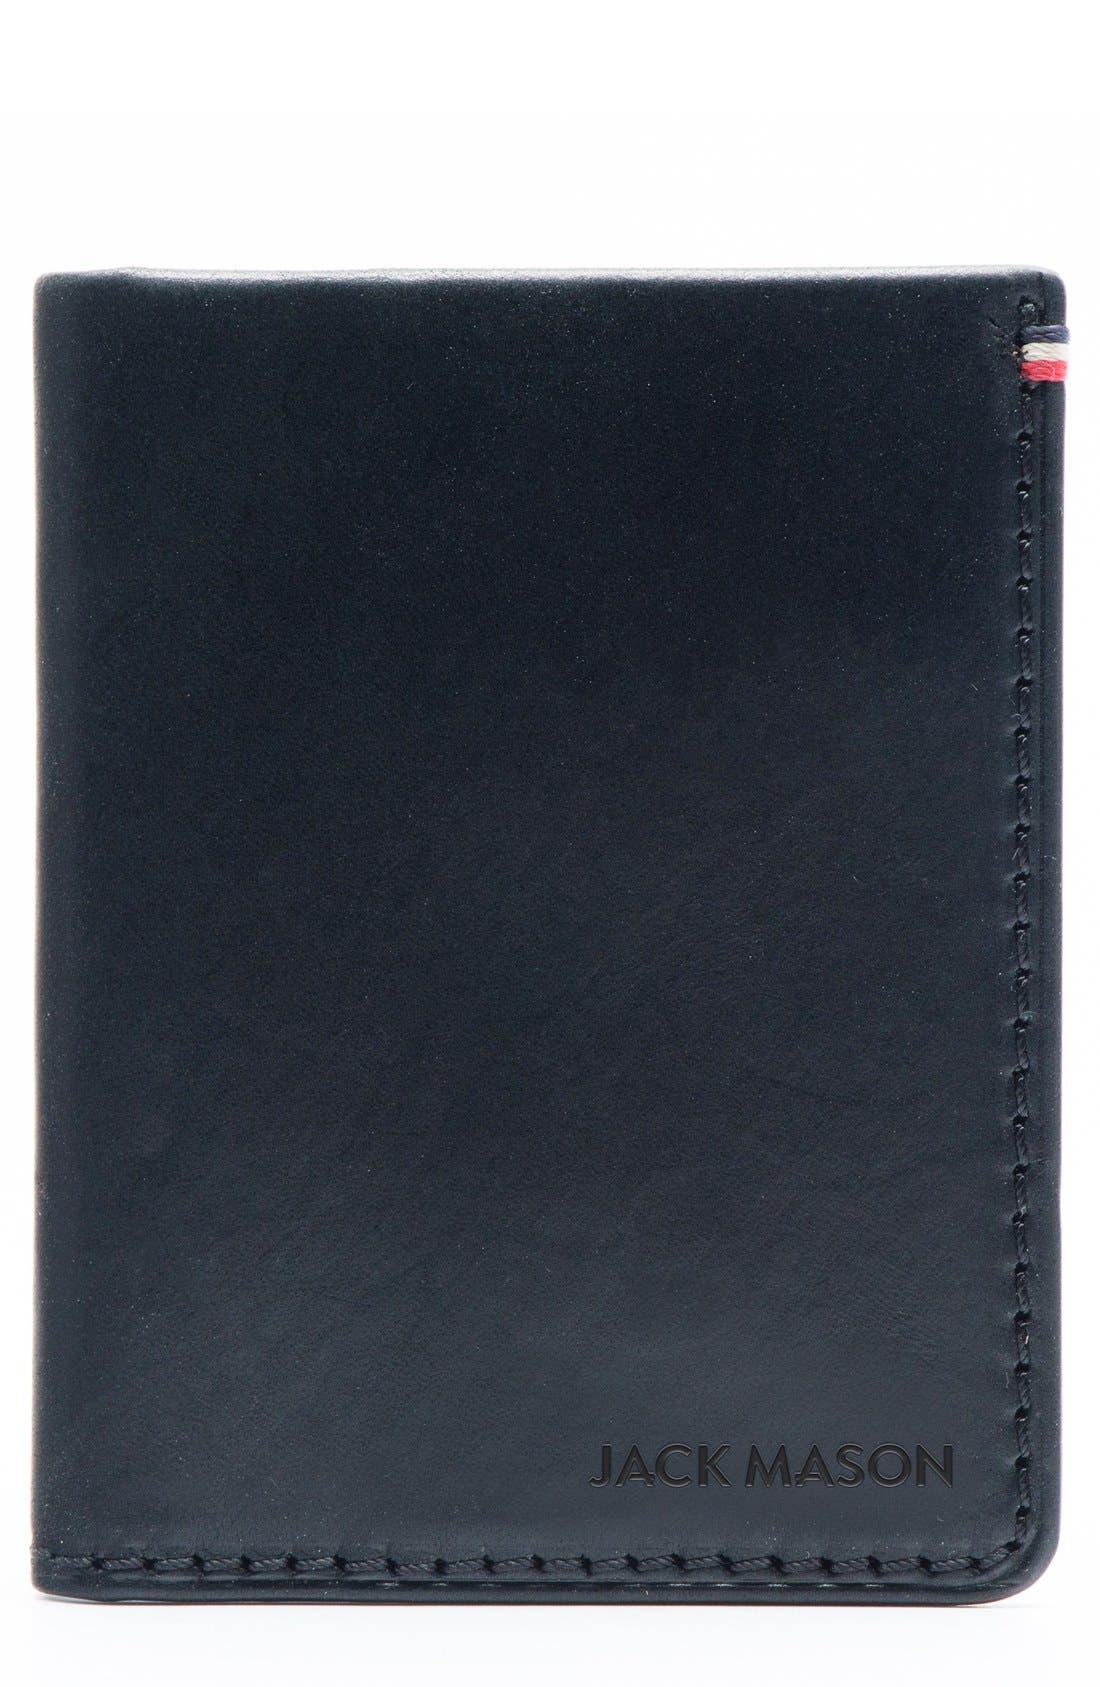 Main Image - Jack Mason Core Leather Wallet